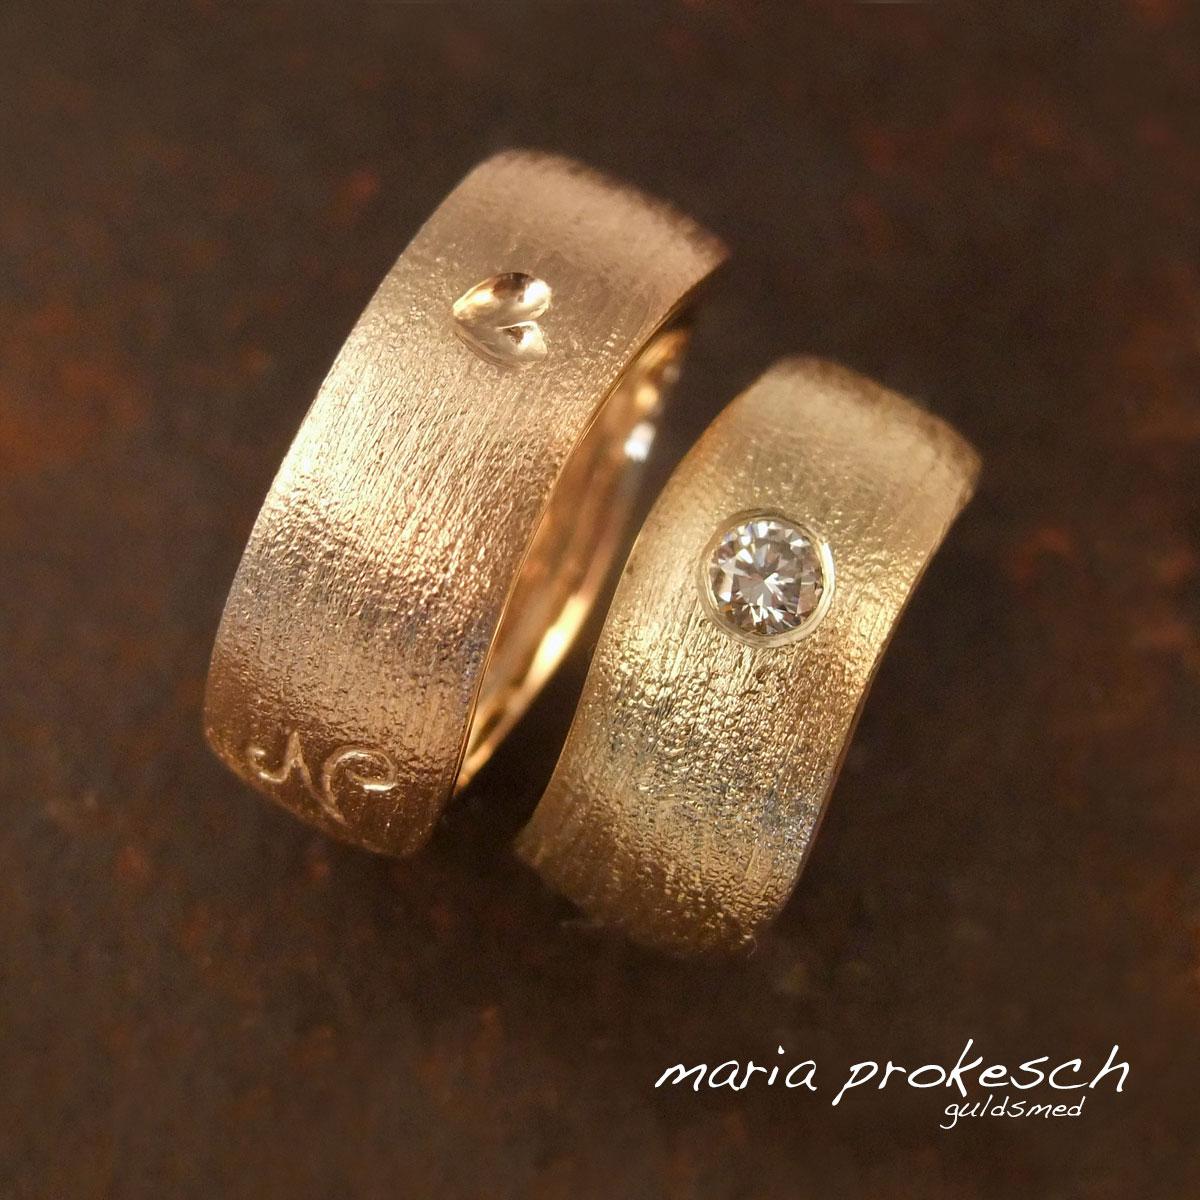 Bølgede rustikke vielsesringe i hver deres farve guld. Hendes med brillant, hans ring med et blankt hjerte som fordybning, personligt symbol